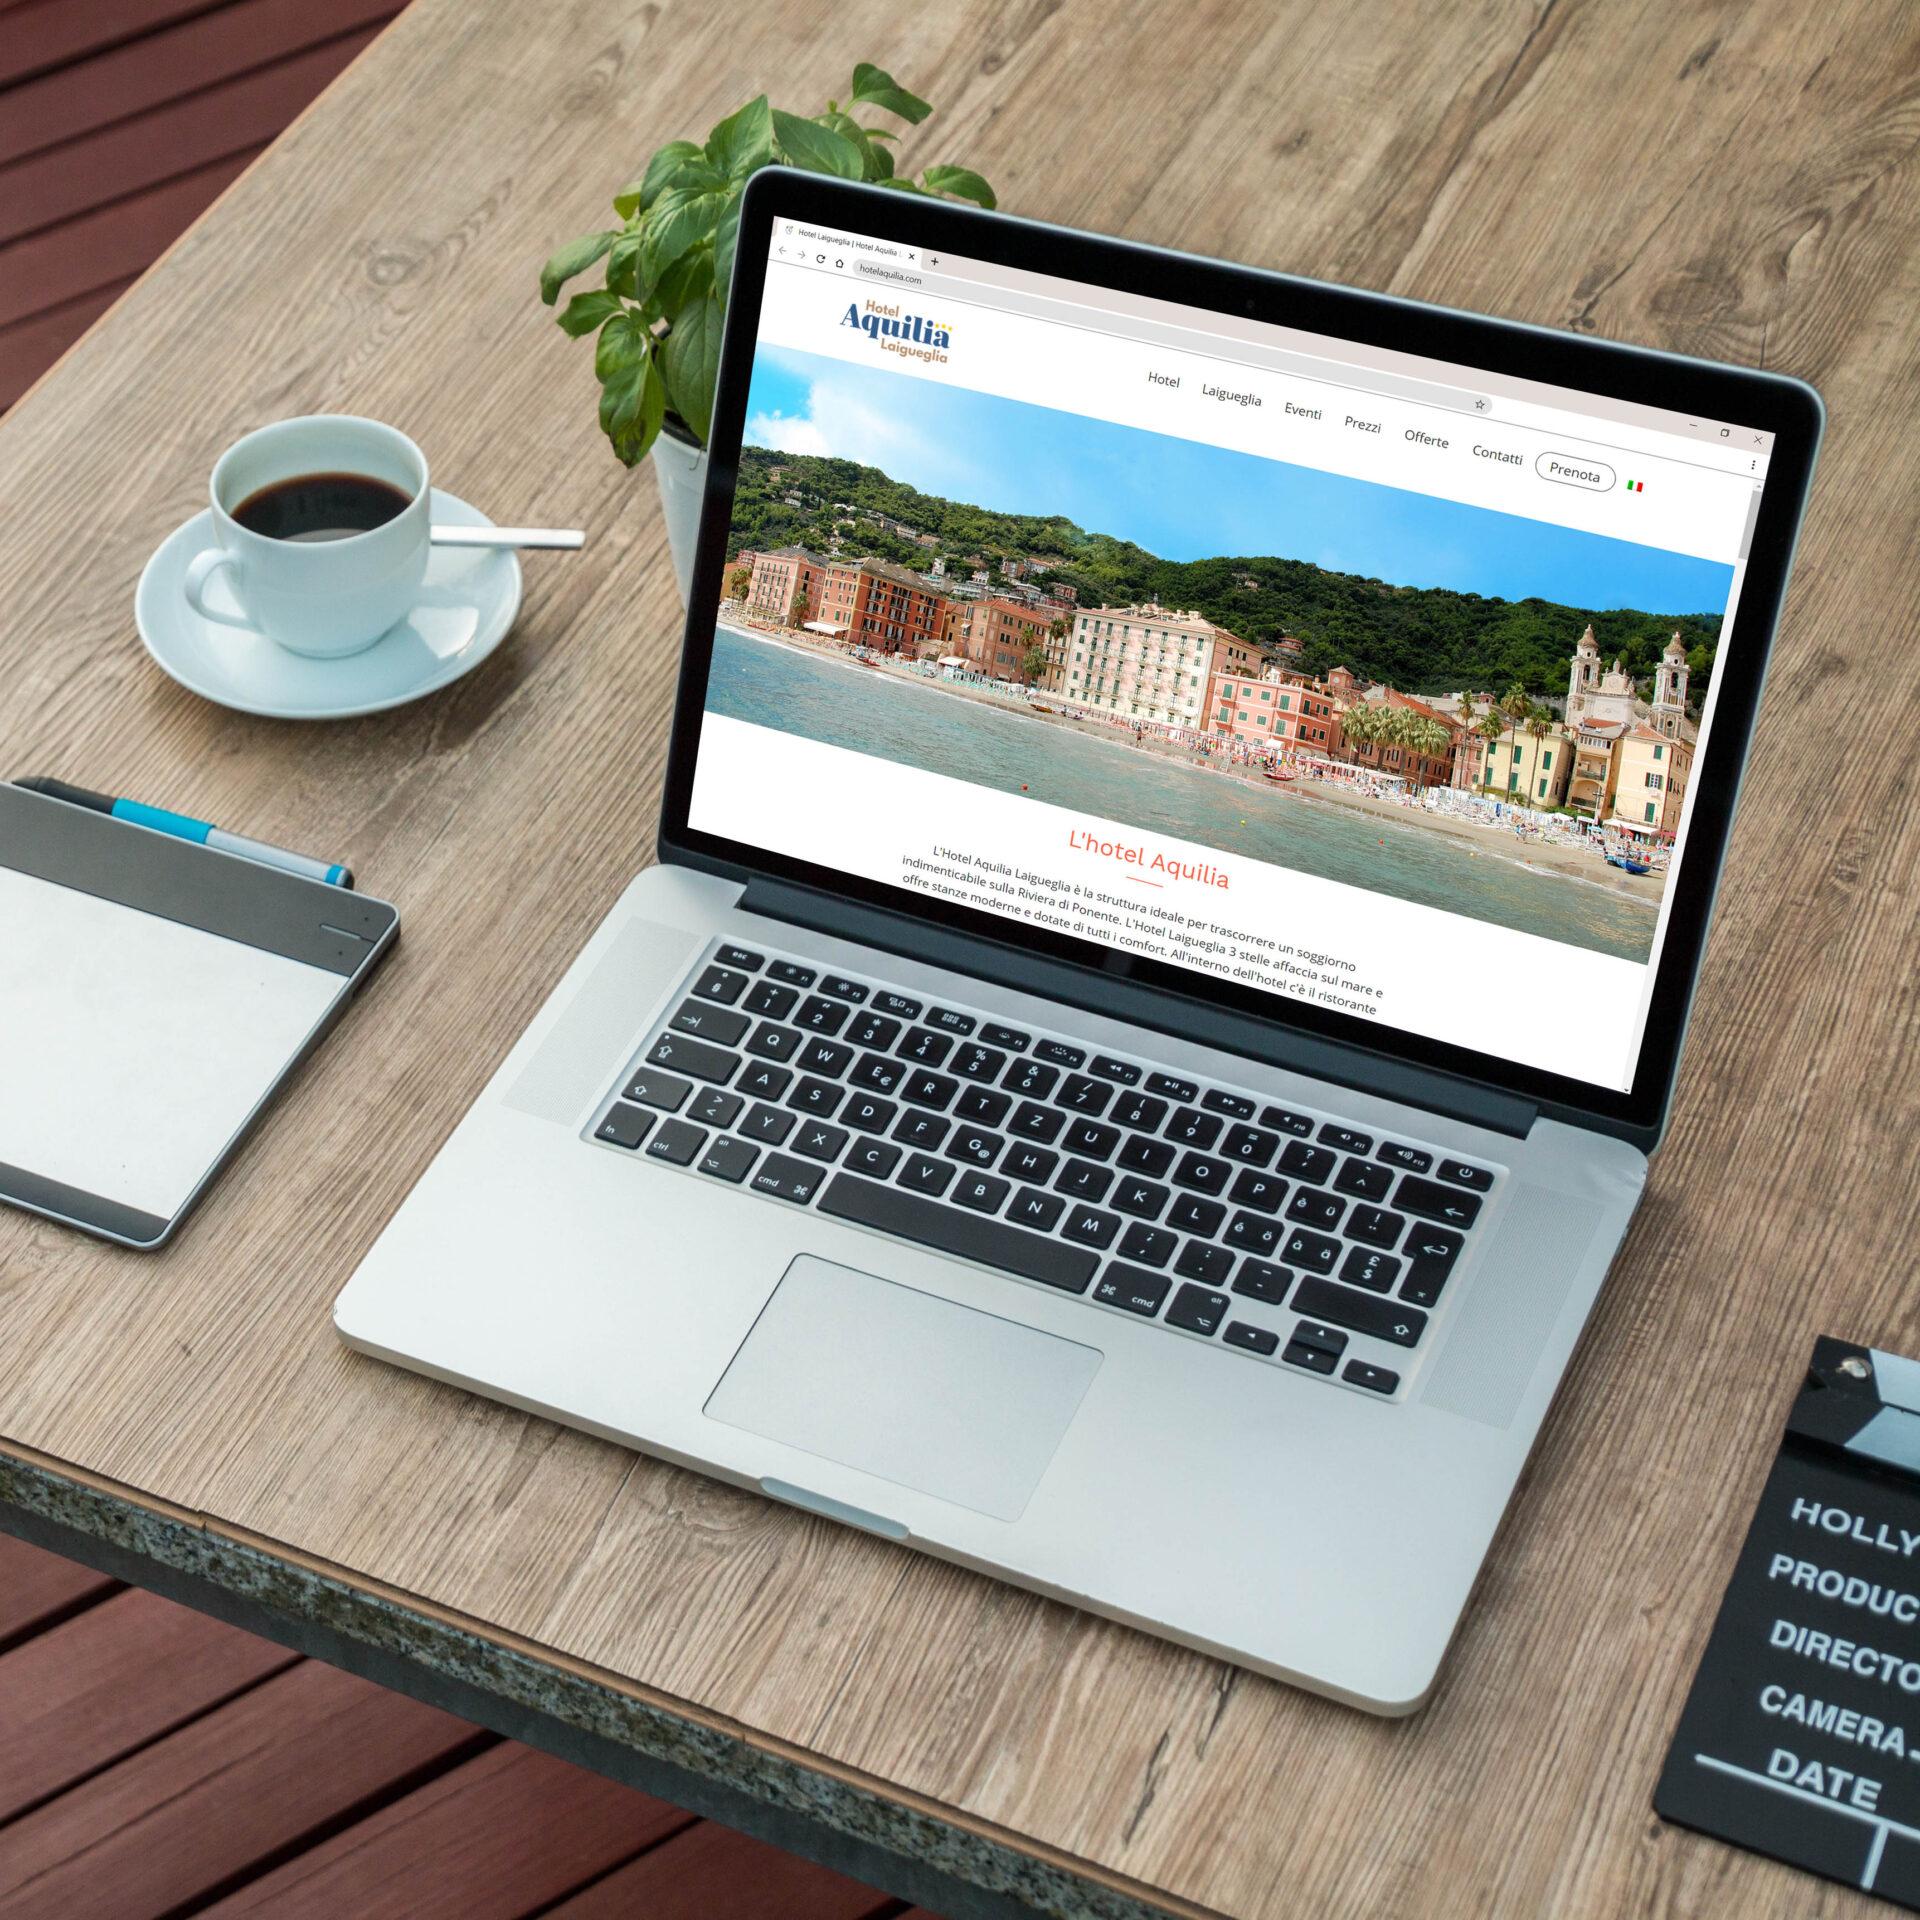 Sito web Hotel Aquilia visualizzato su computer